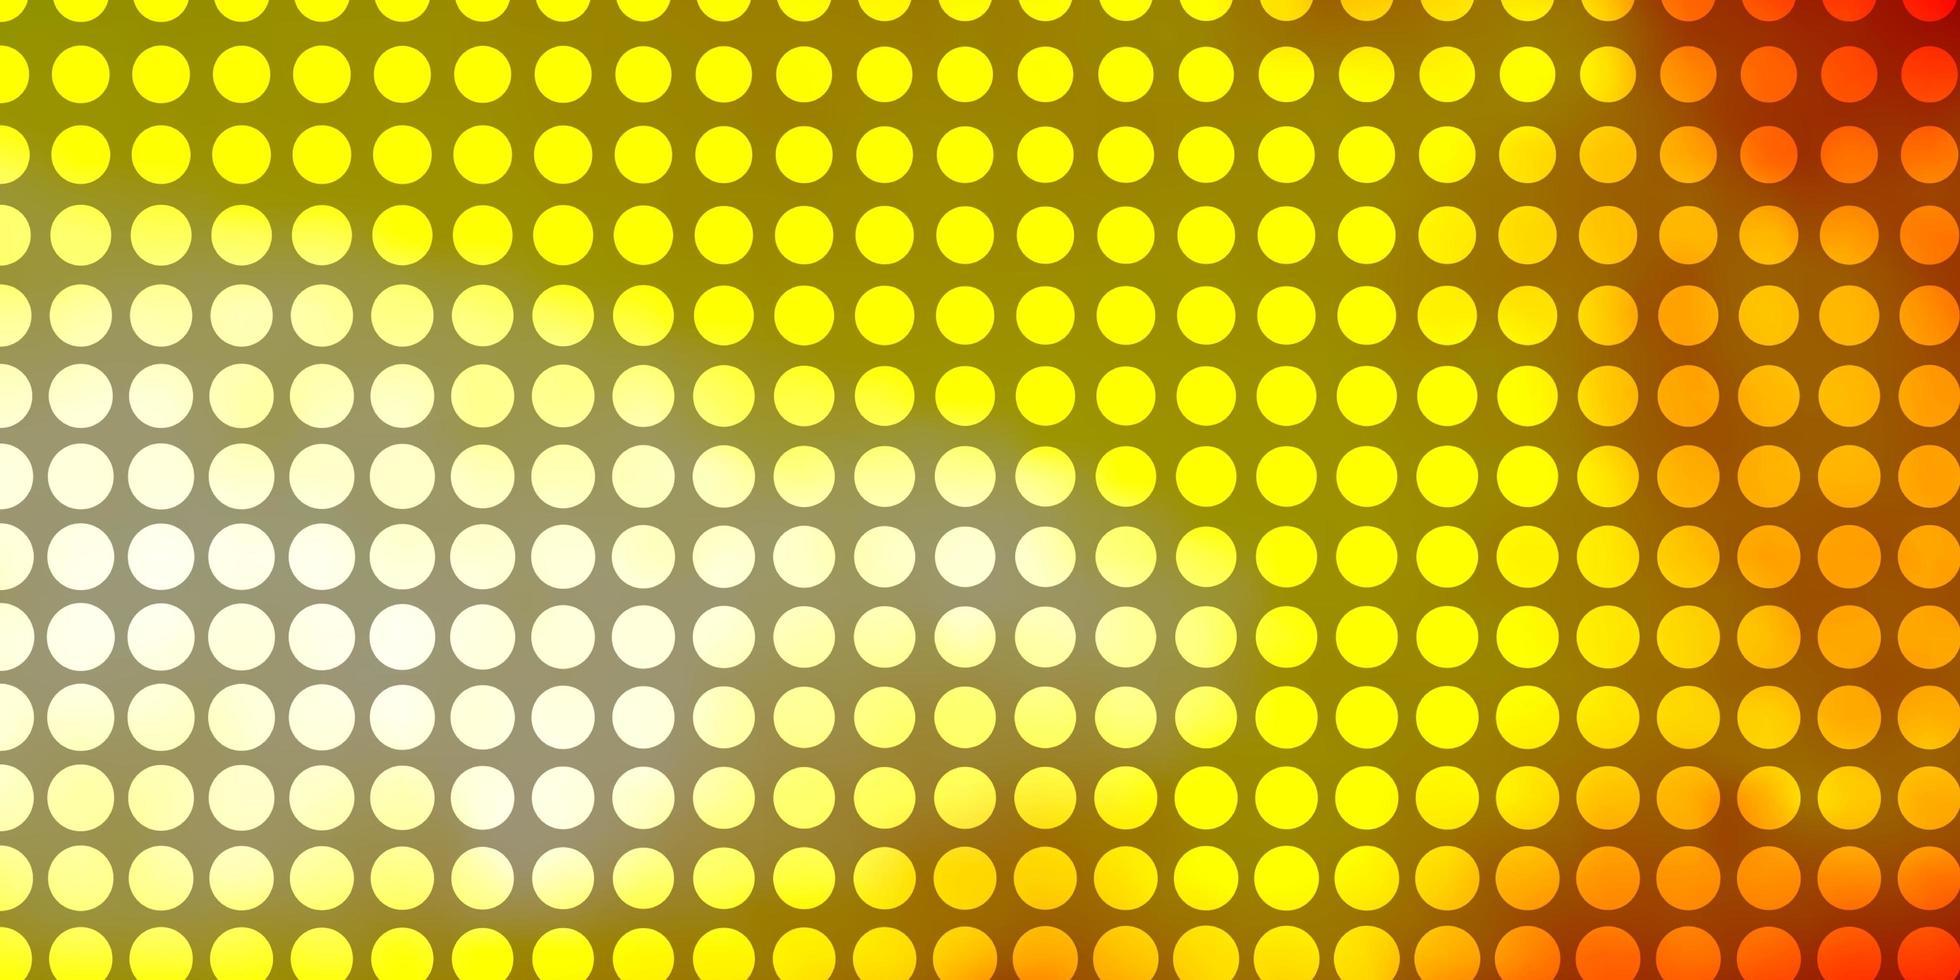 sfondo giallo e rosso con cerchi. vettore